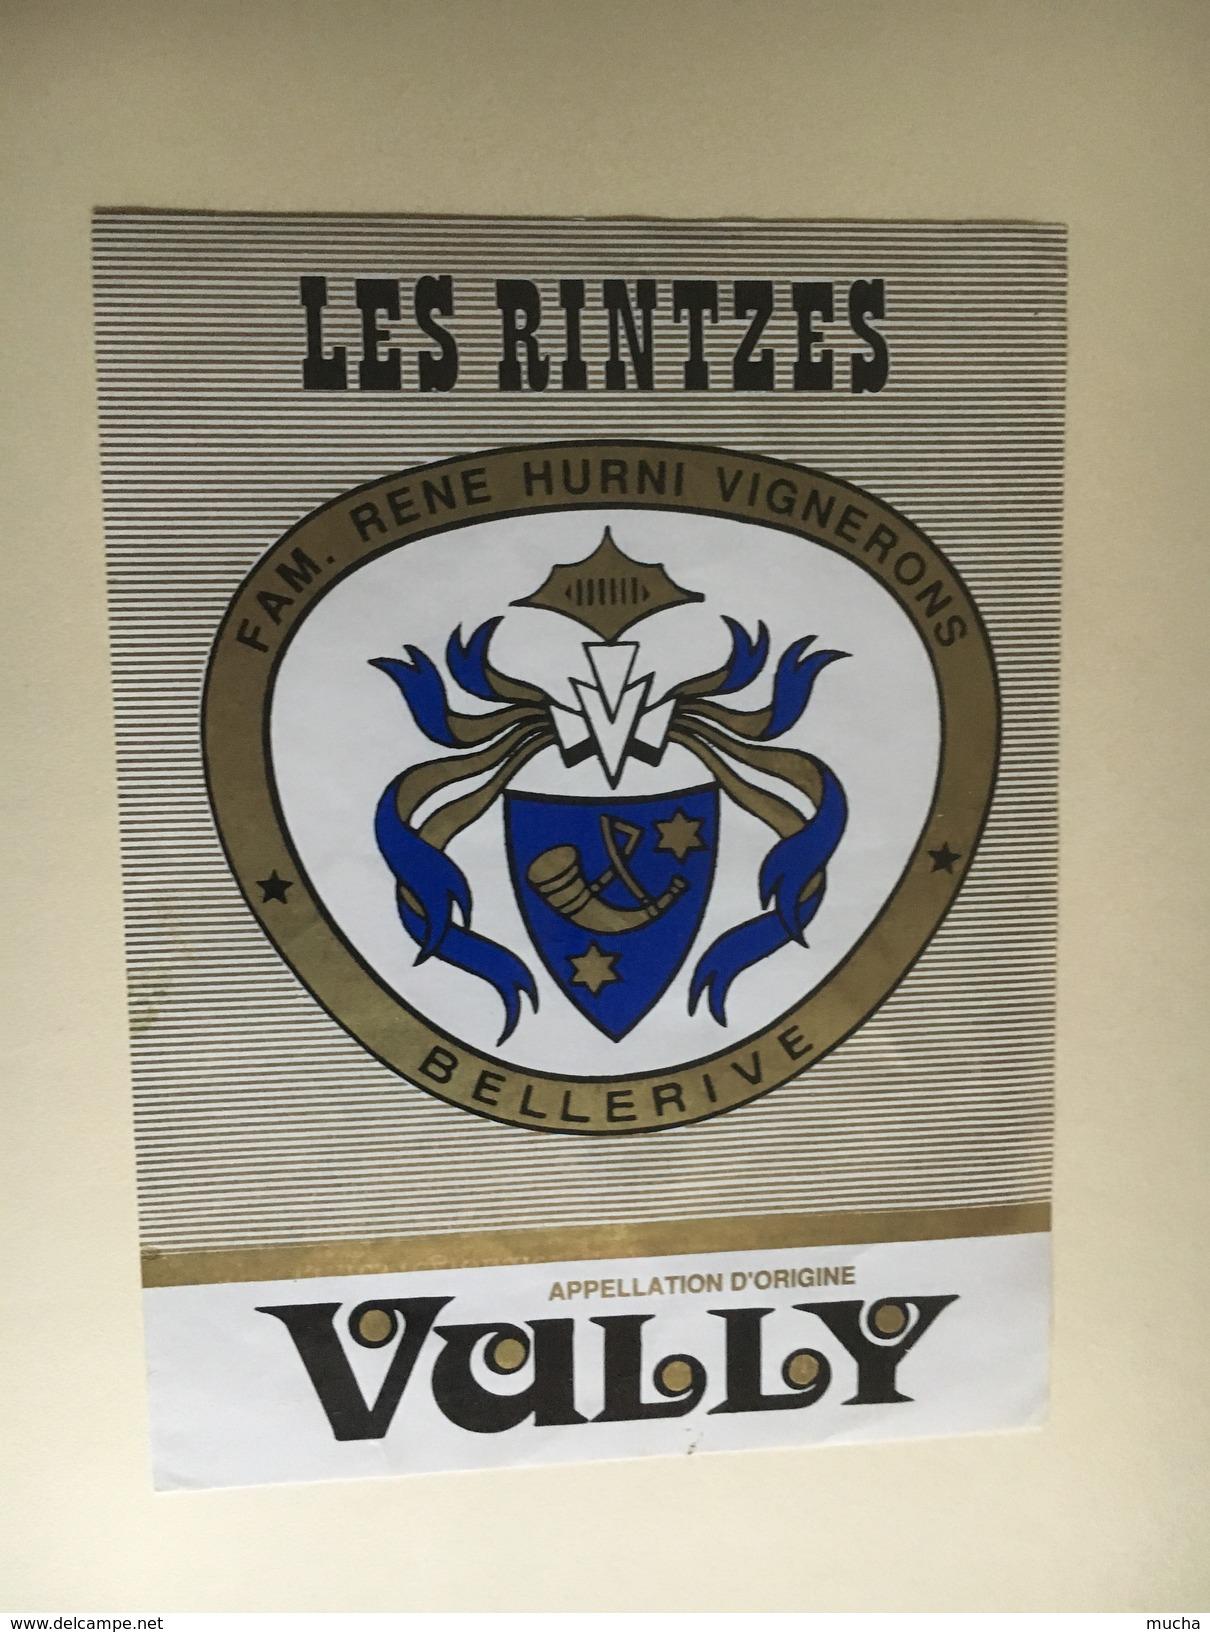 6384 - Vully Les Rintzes René Hurrni Bellerive Suisse Petite étiquette - Etiketten